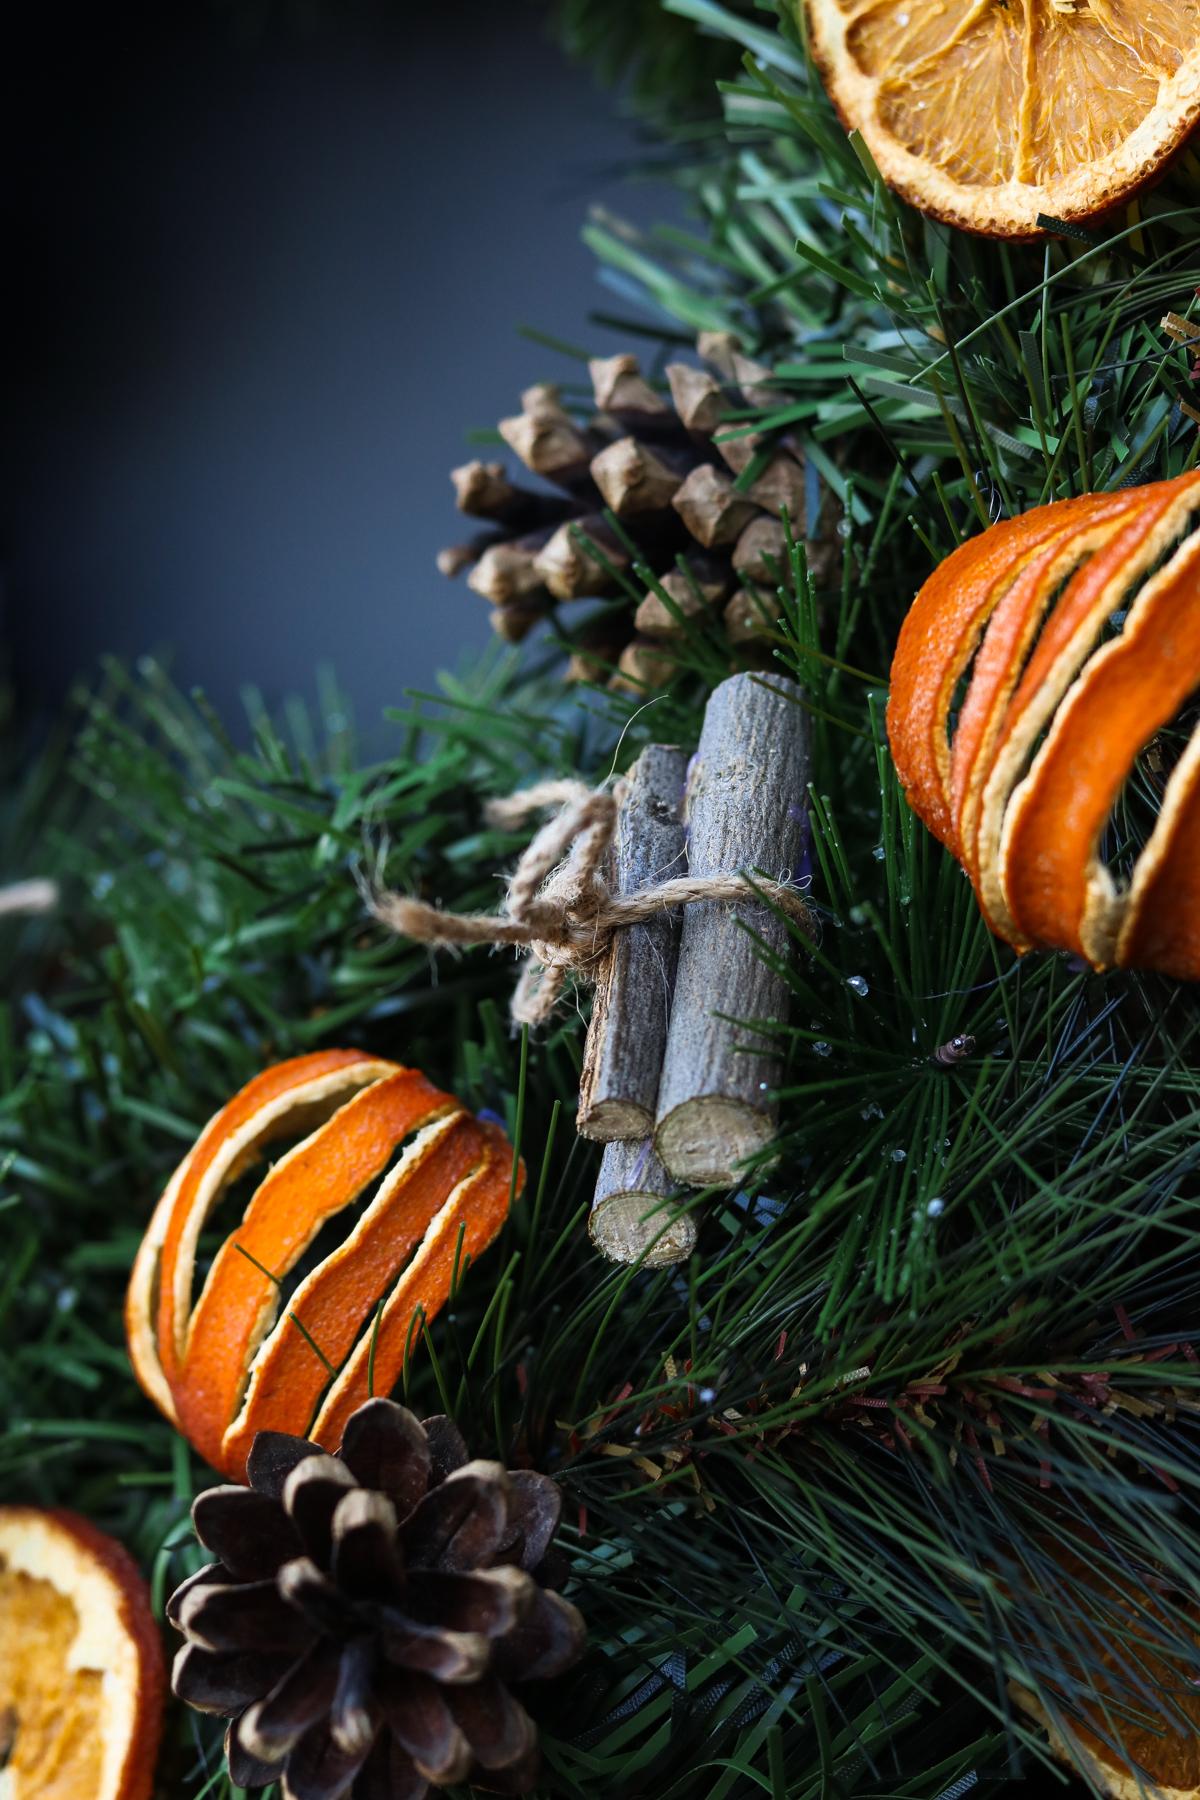 DIY citrus wreath